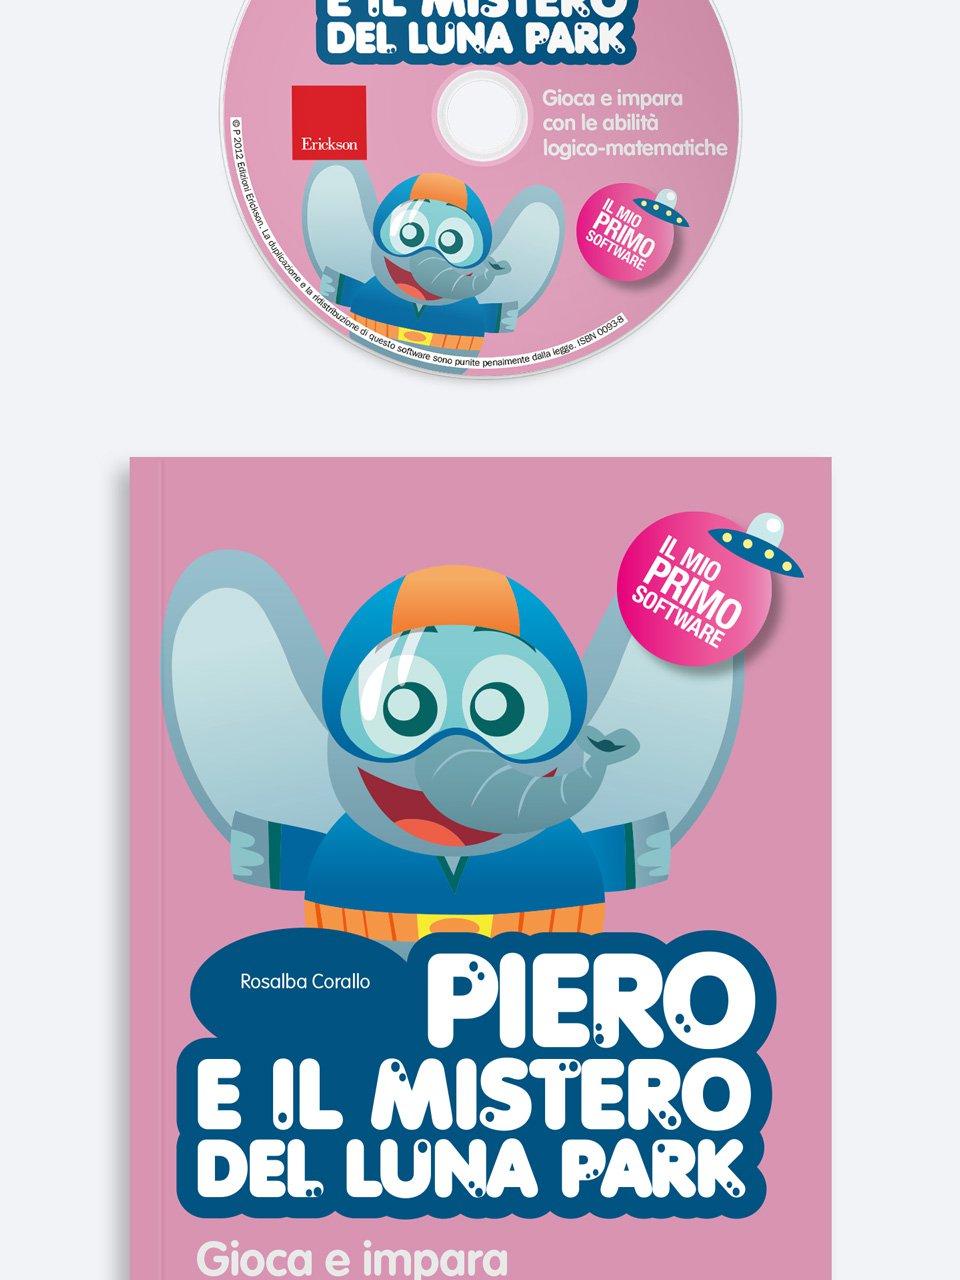 Piero e il mistero del luna park - App e software per Scuola, Autismo, Dislessia e DSA - Erickson